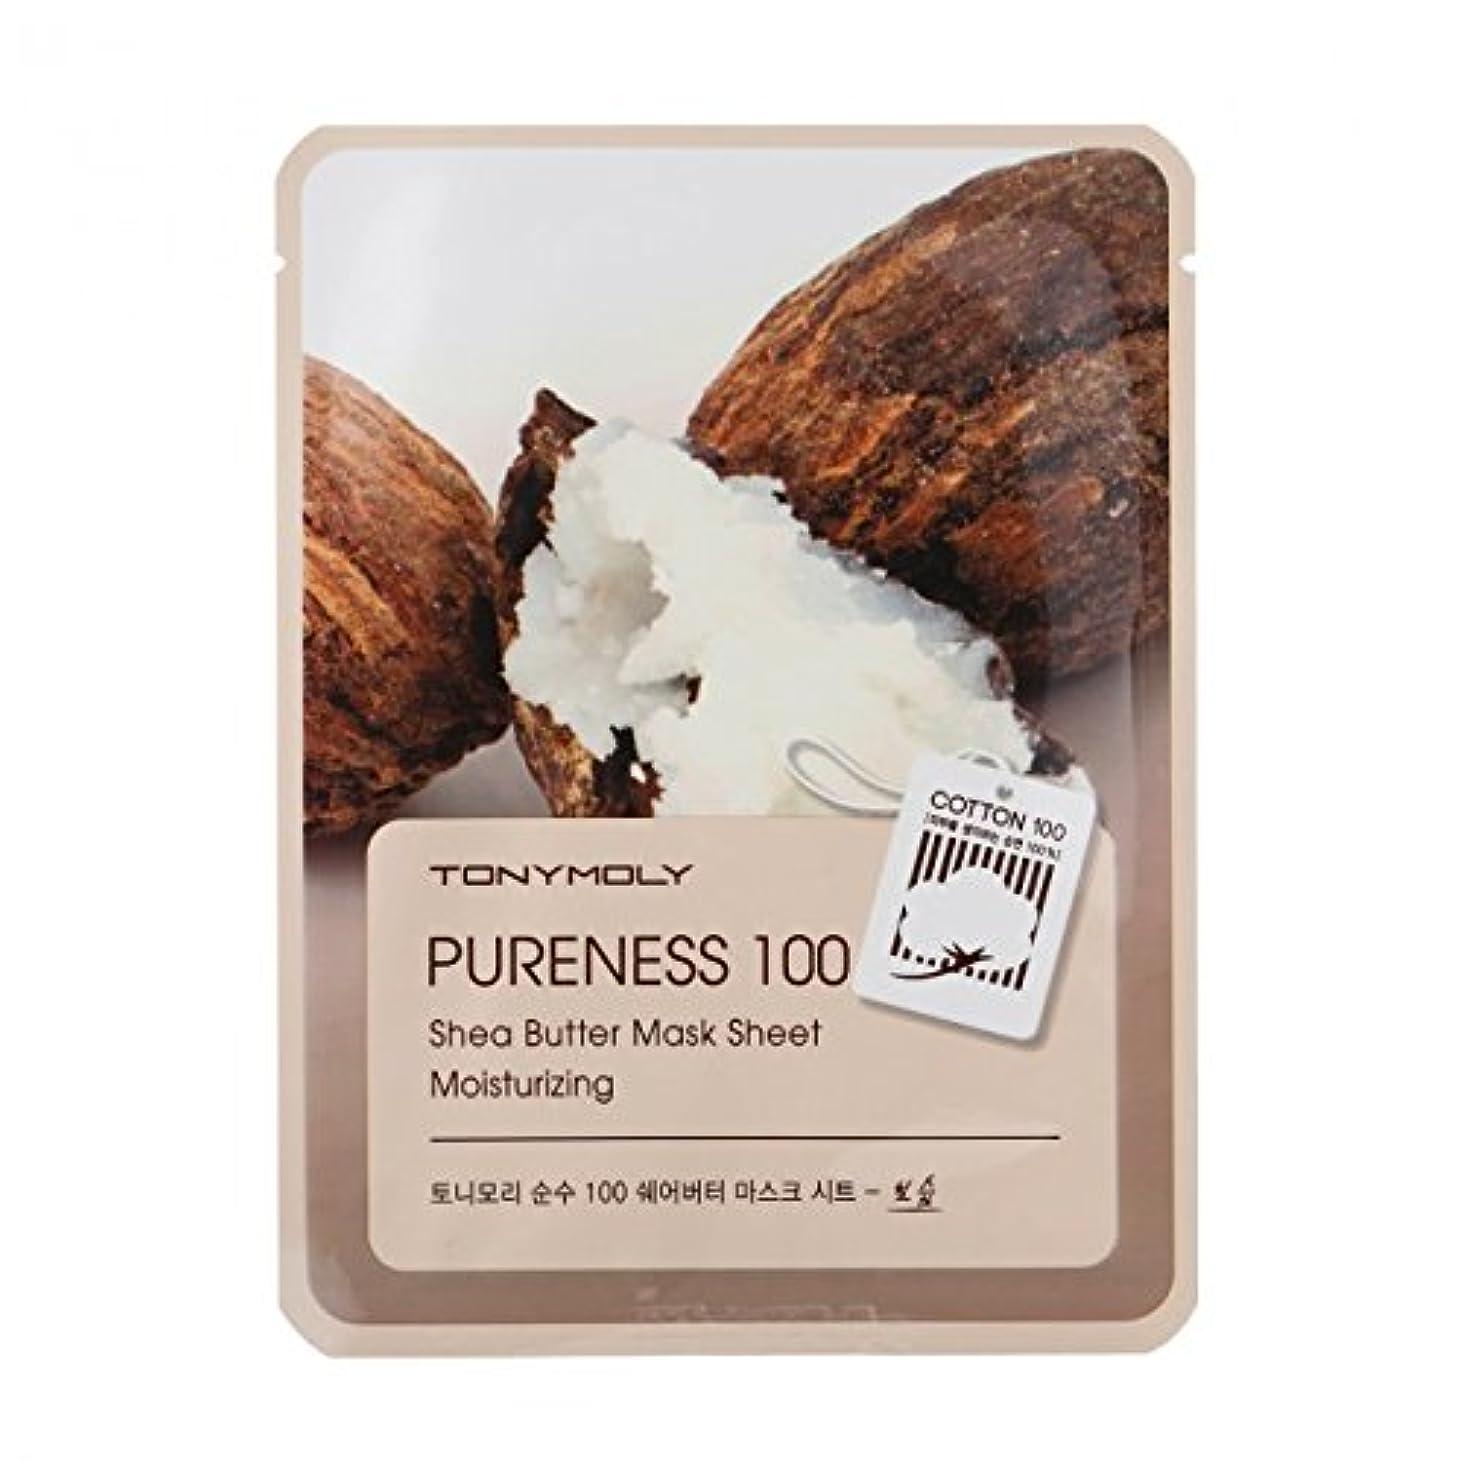 マスクそれらつらい(3 Pack) TONYMOLY Pureness 100 Shea Butter Mask Sheet Moisturizing (並行輸入品)